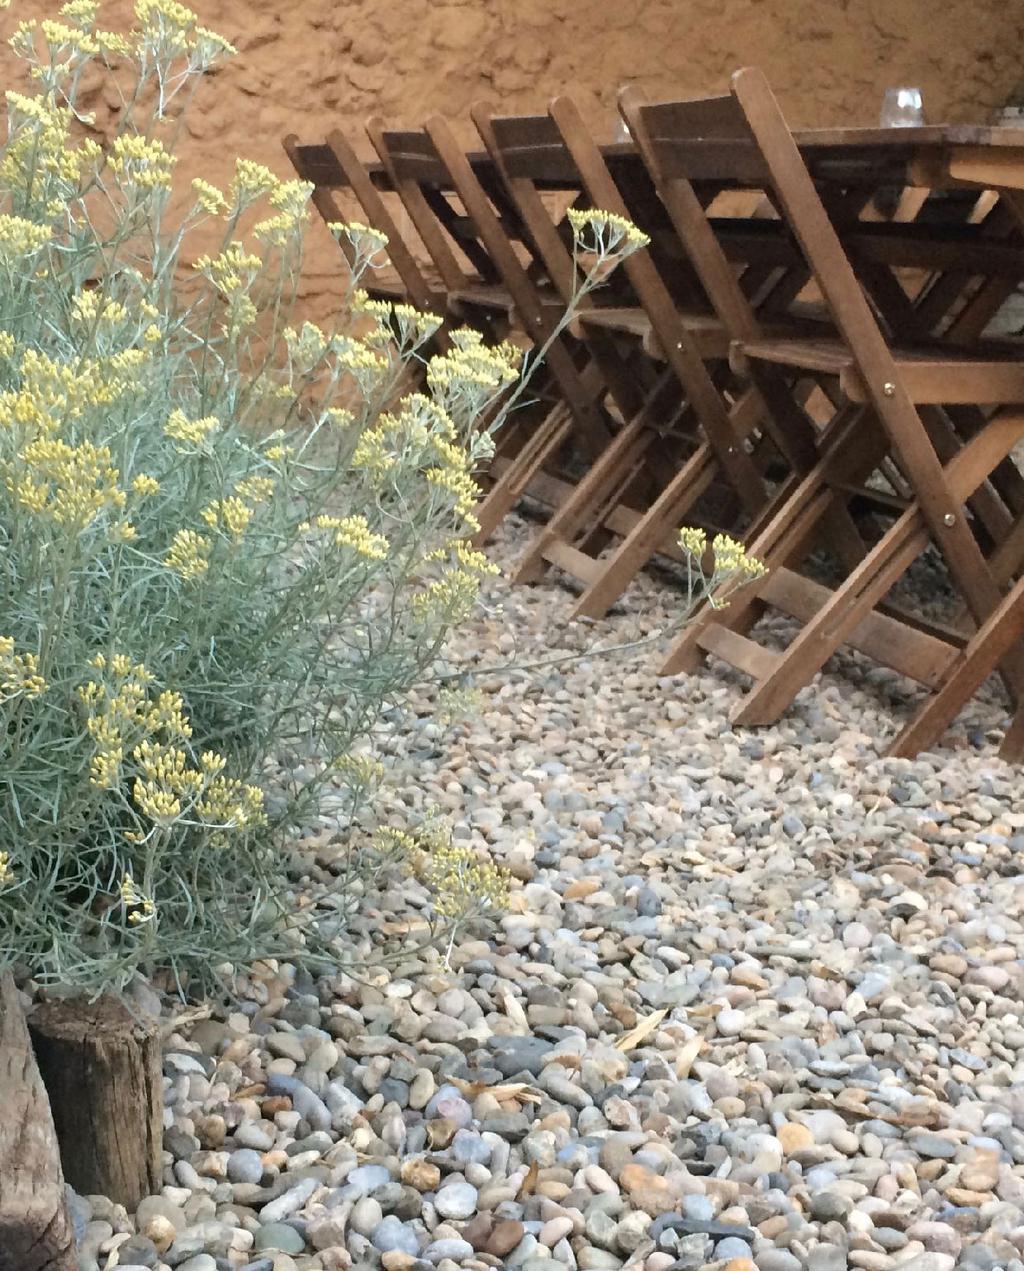 vtwonen blog kristel | minder tegels meer tuin grind onder tuintafel